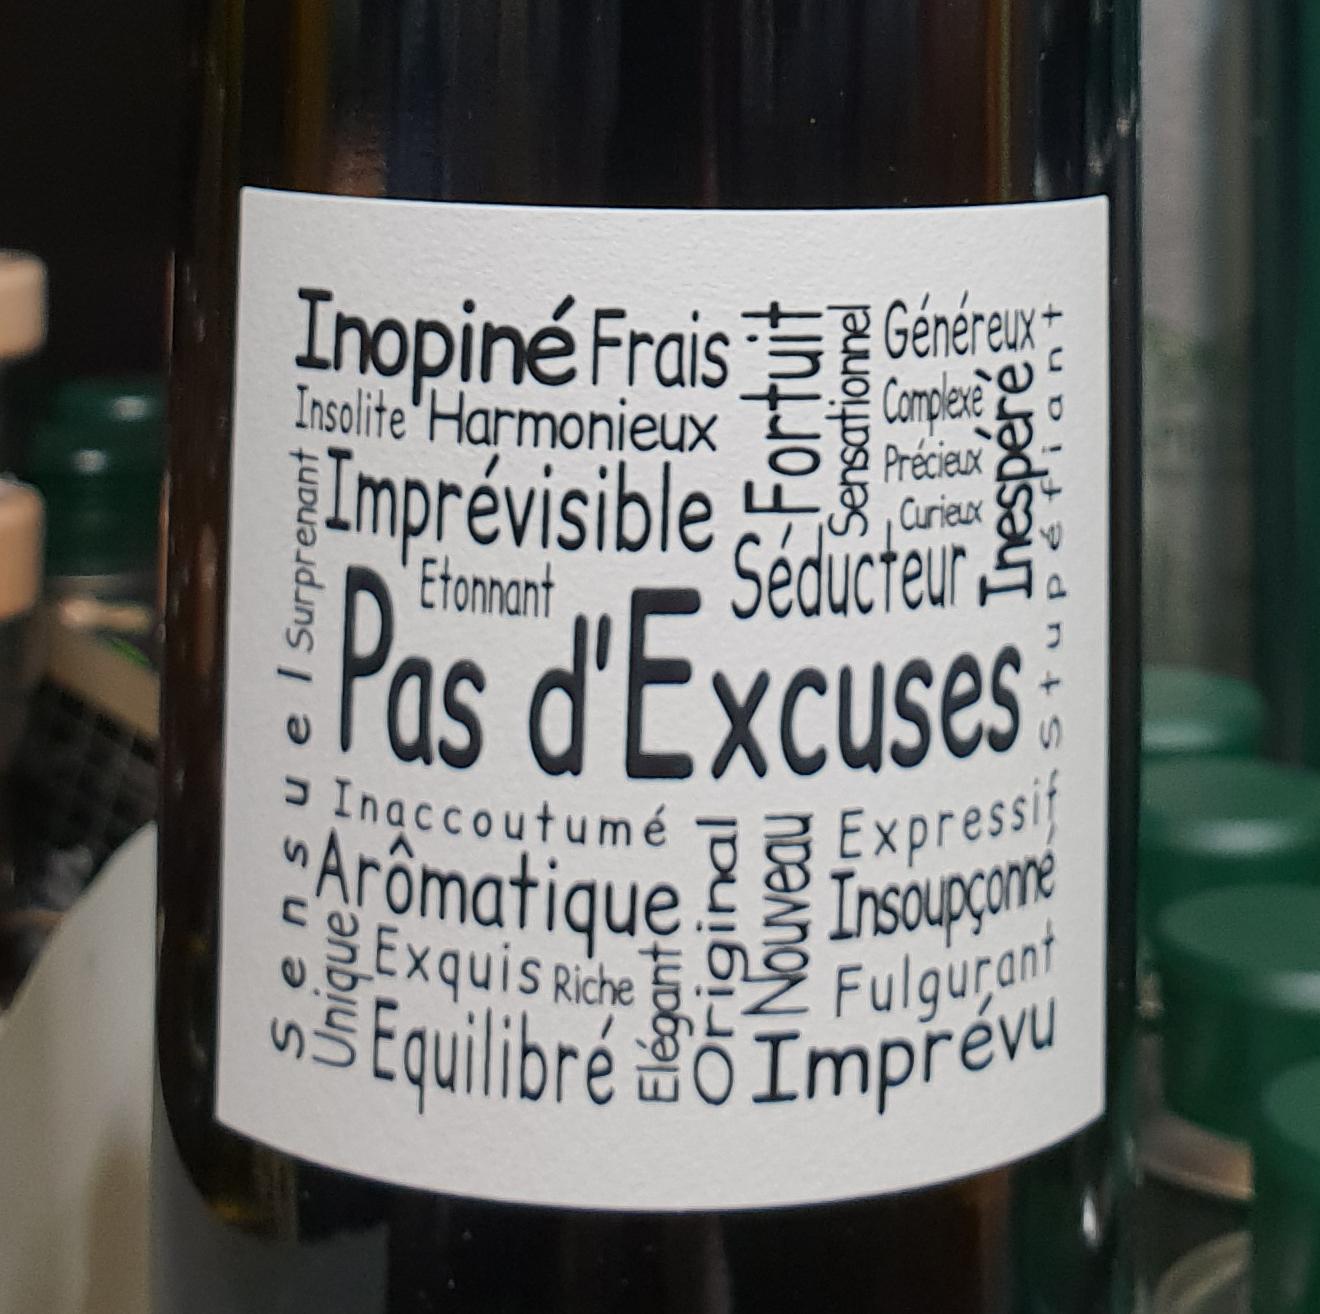 Chateau-de-pena-pas-d-excuse-muscat-moelleux